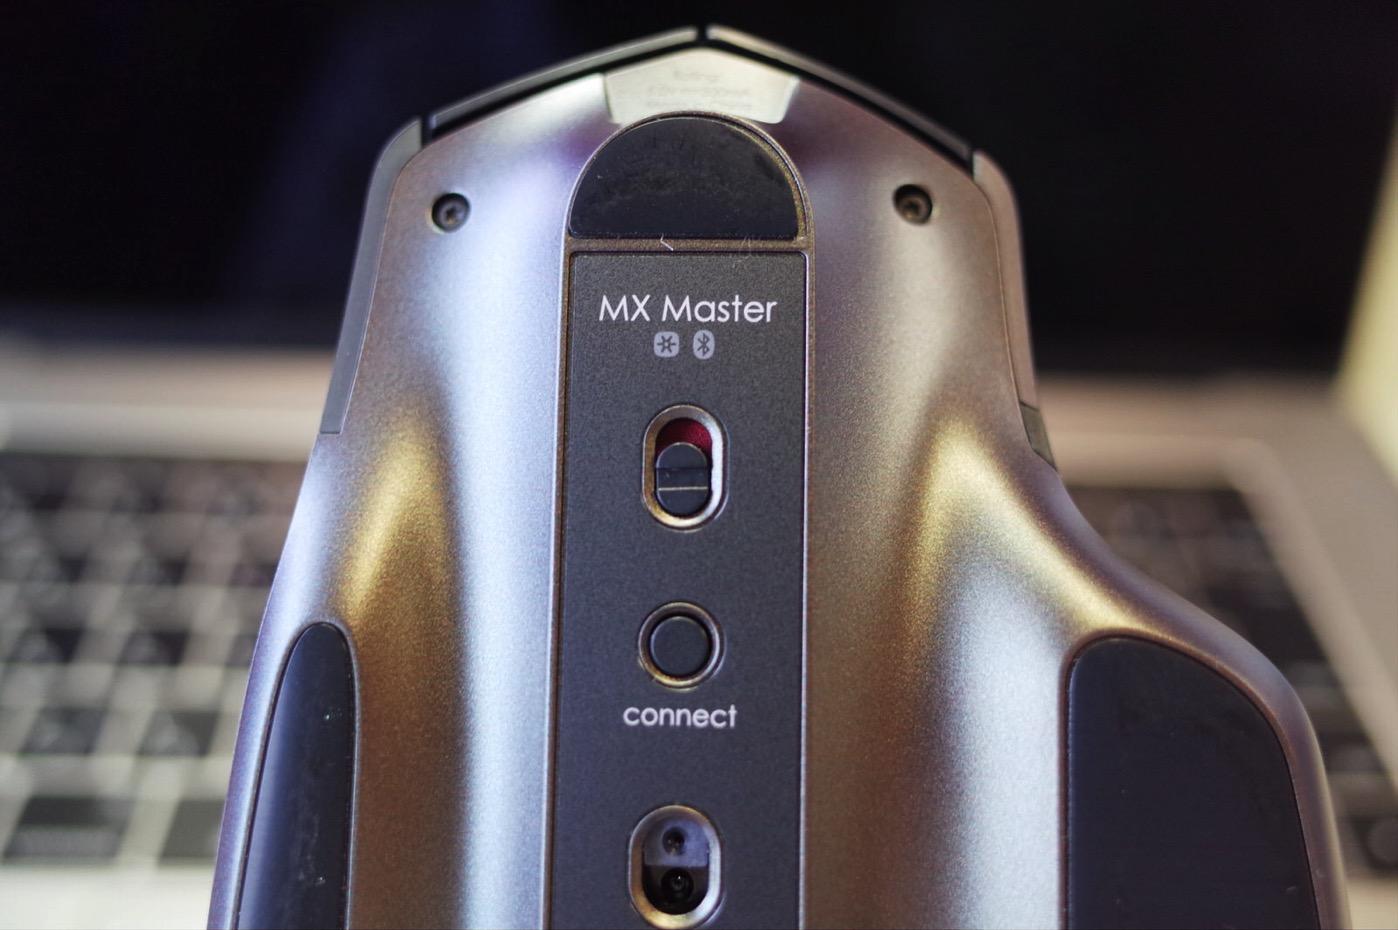 Logicool ロジクール MX2000 MX Master ワイヤレスマウス BluetoothSmart・USB接続  Windows/Mac OS 対応-13